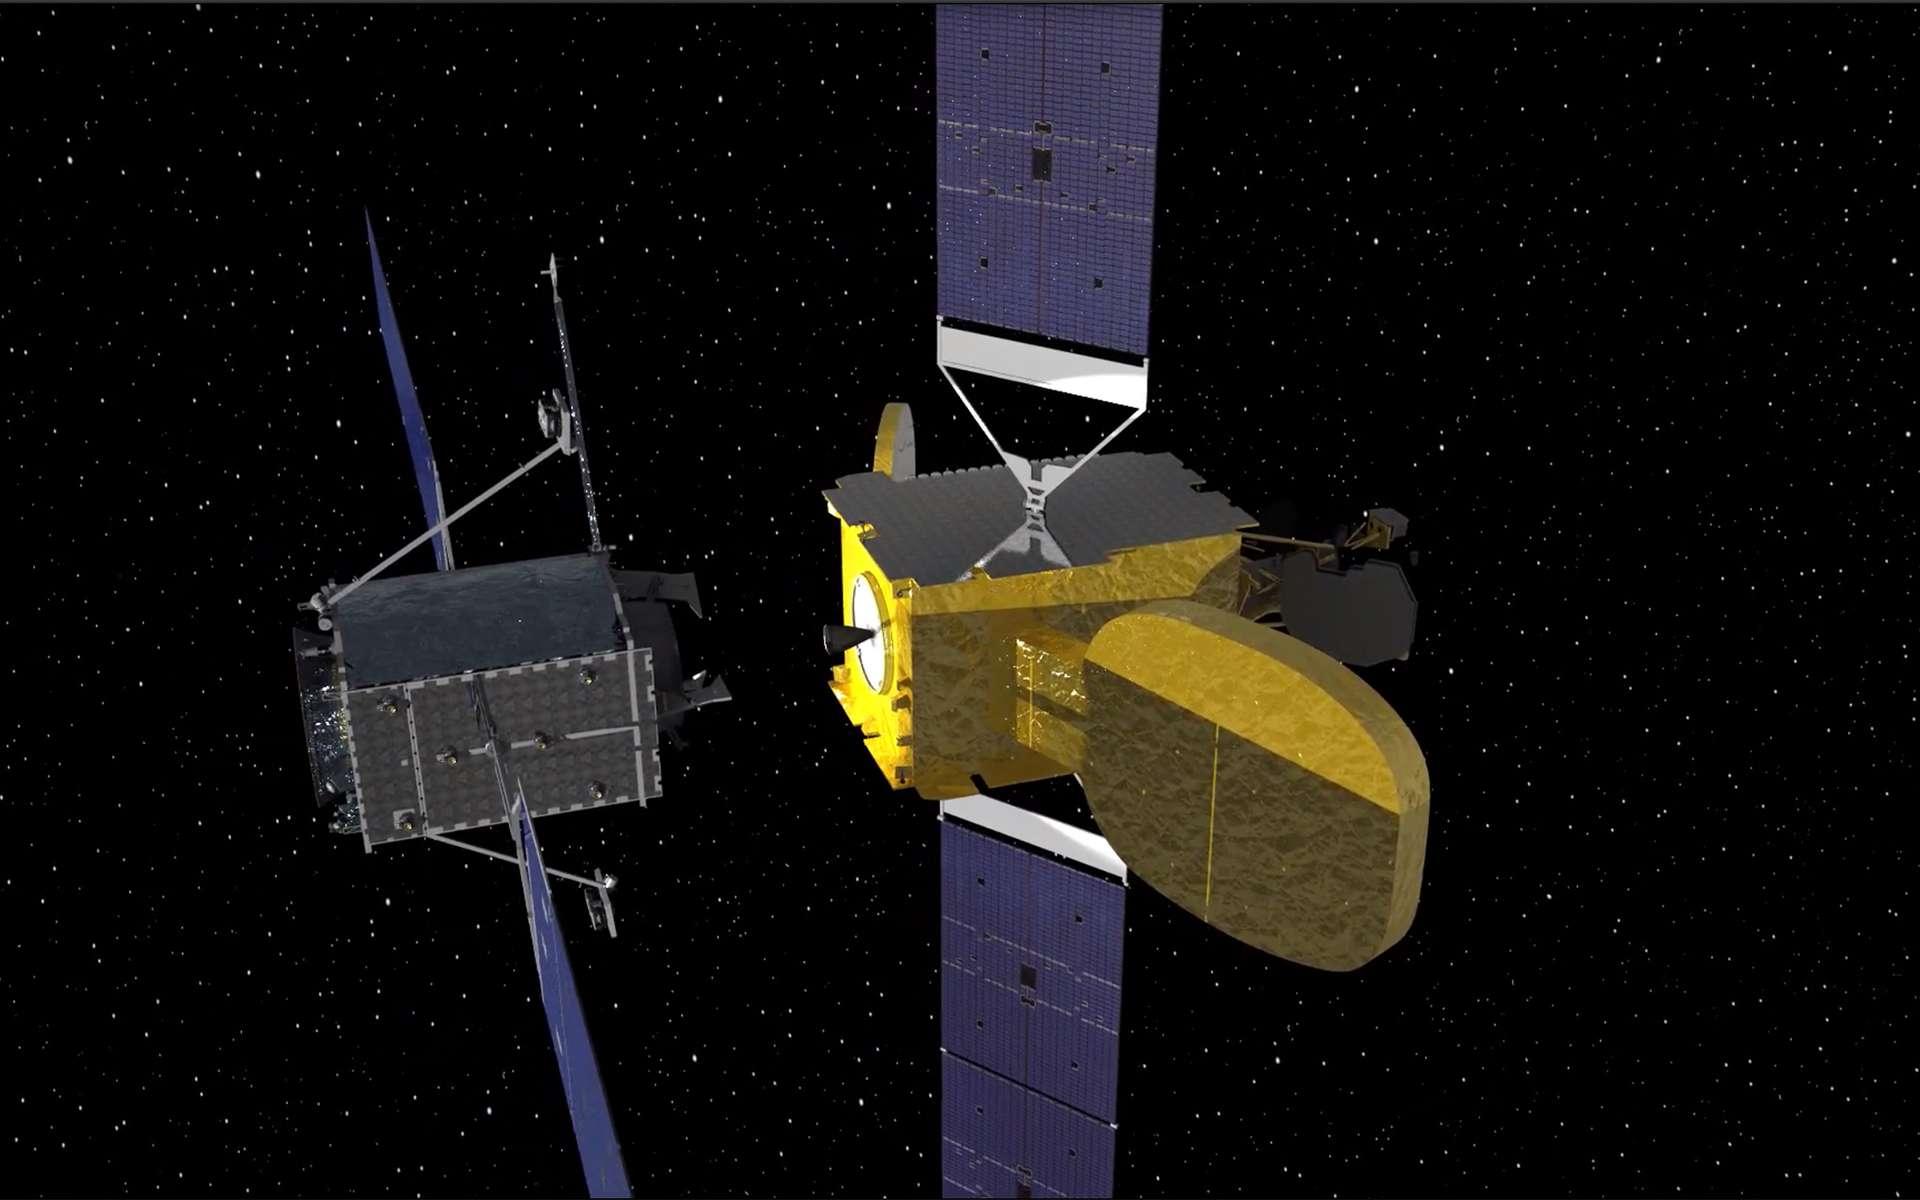 Стыковка спутников MEV-1 и Intelsat 901